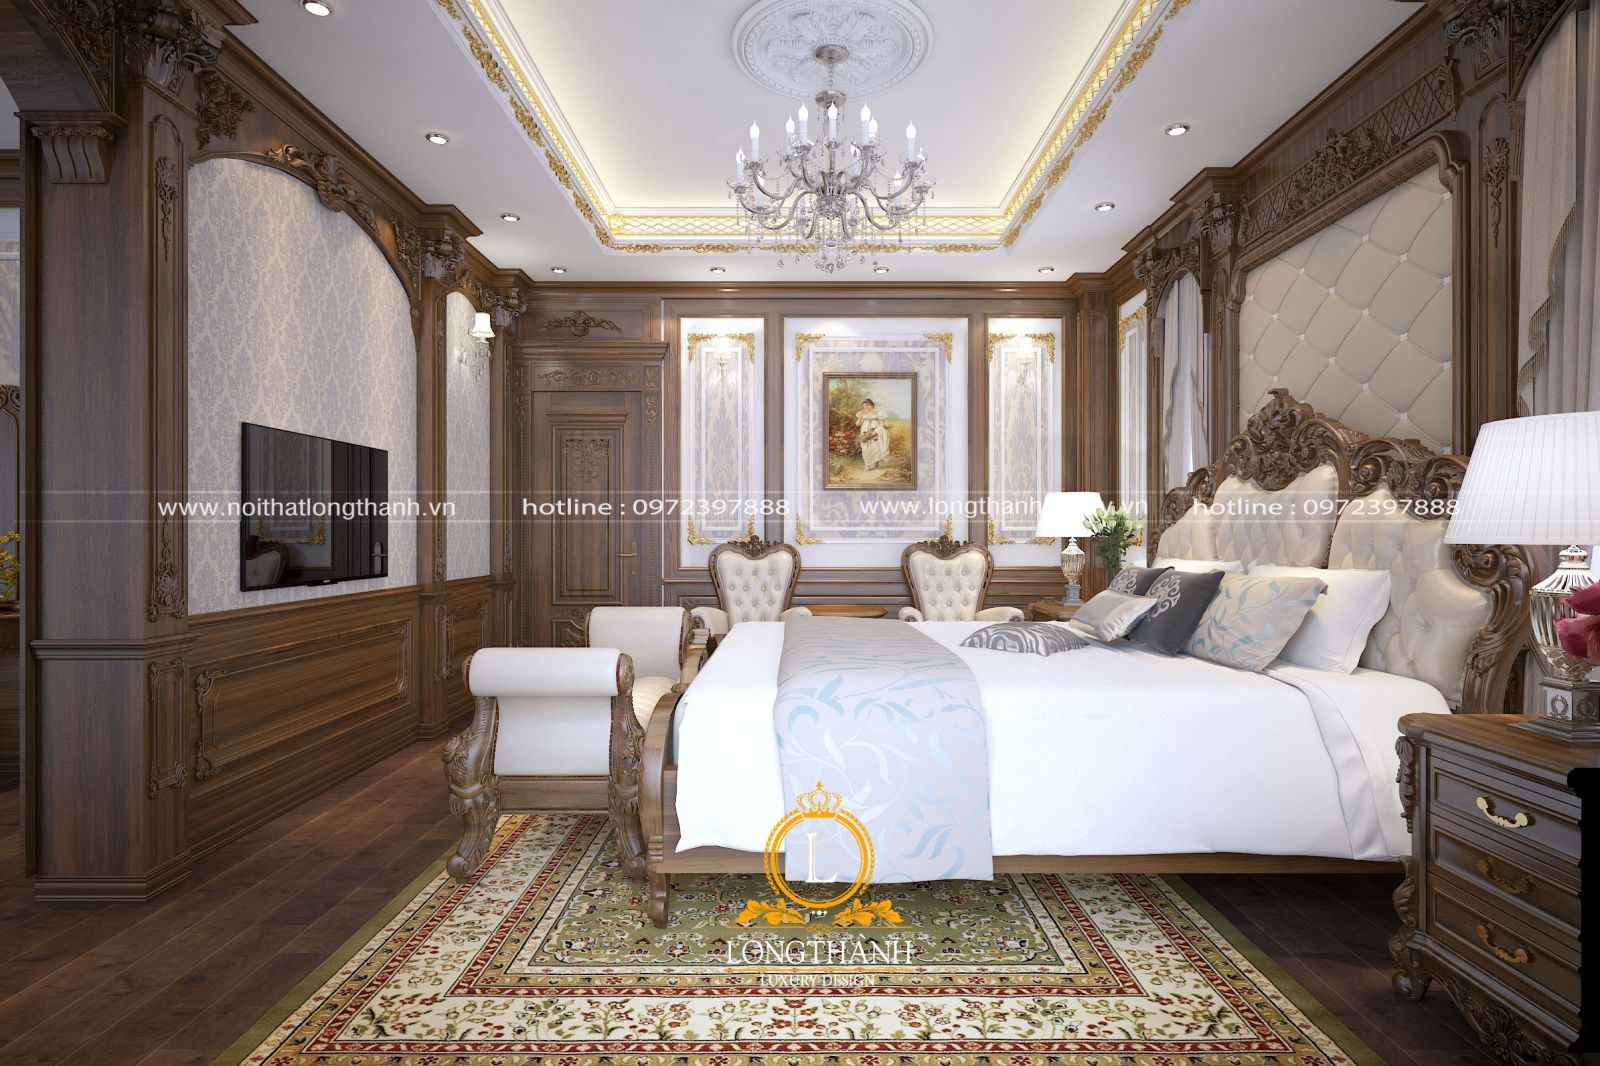 Thiết kế nội thất phòng ngủ master tân cổ điển với nhưng đường nét tinh tế